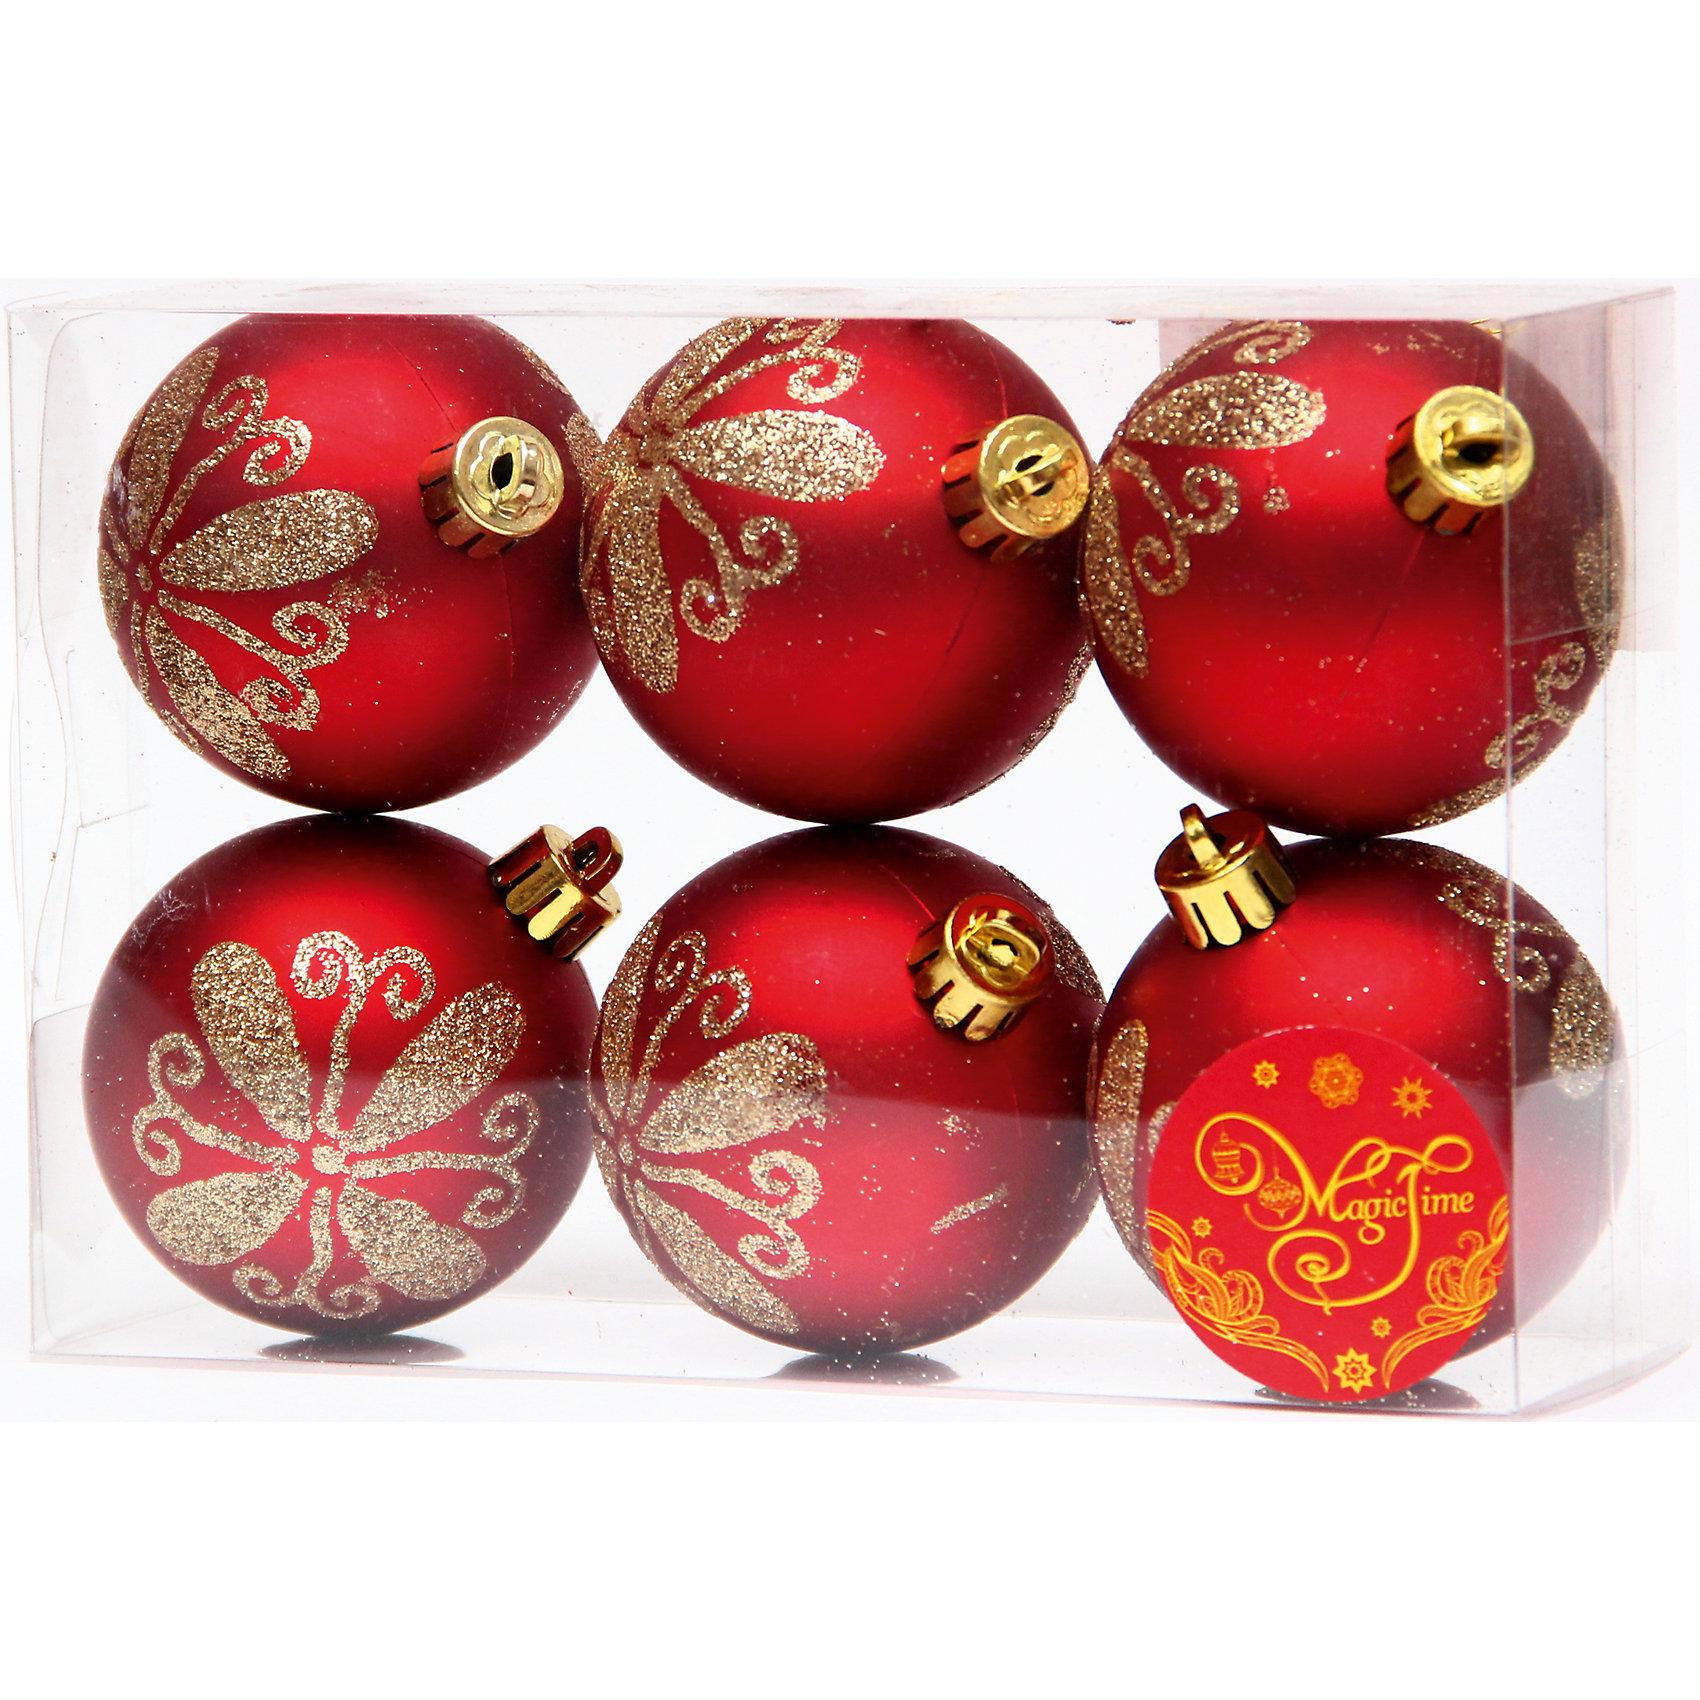 Набор шаров Красный с золотым цветком 6 штНабор шаров Красный с золотым цветком 6 шт – этот набор принесет в ваш дом ни с чем несравнимое ощущение праздника!<br>Набор новогодних подвесных украшений Красный с золотым цветком прекрасно подойдет для праздничного декора вашей ели. Набор состоит из 6 матовых шаров красного цвета, изготовленных из полистирола. Каждый шар украшен блестящим золотым цветком. Для удобного размещения на елке для каждого шара предусмотрена петелька. Елочная игрушка - символ Нового года. Она несет в себе волшебство и красоту праздника. Создайте в своем доме атмосферу веселья и радости, украшая новогоднюю елку нарядными игрушками, которые будут из года в год накапливать теплоту воспоминаний. Откройте для себя удивительный мир сказок и грез. Почувствуйте волшебные минуты ожидания праздника, создайте новогоднее настроение вашим близким.<br><br>Дополнительная информация:<br><br>- В наборе: 6 шаров<br>- Материал: полистирол<br>- Цвет: красный, золотой<br>- Размер упаковки: 8 х 12 х 6 см.<br><br>Набор шаров Красный с золотым цветком 6 шт можно купить в нашем интернет-магазине.<br><br>Ширина мм: 300<br>Глубина мм: 250<br>Высота мм: 100<br>Вес г: 550<br>Возраст от месяцев: 36<br>Возраст до месяцев: 2147483647<br>Пол: Унисекс<br>Возраст: Детский<br>SKU: 4981552